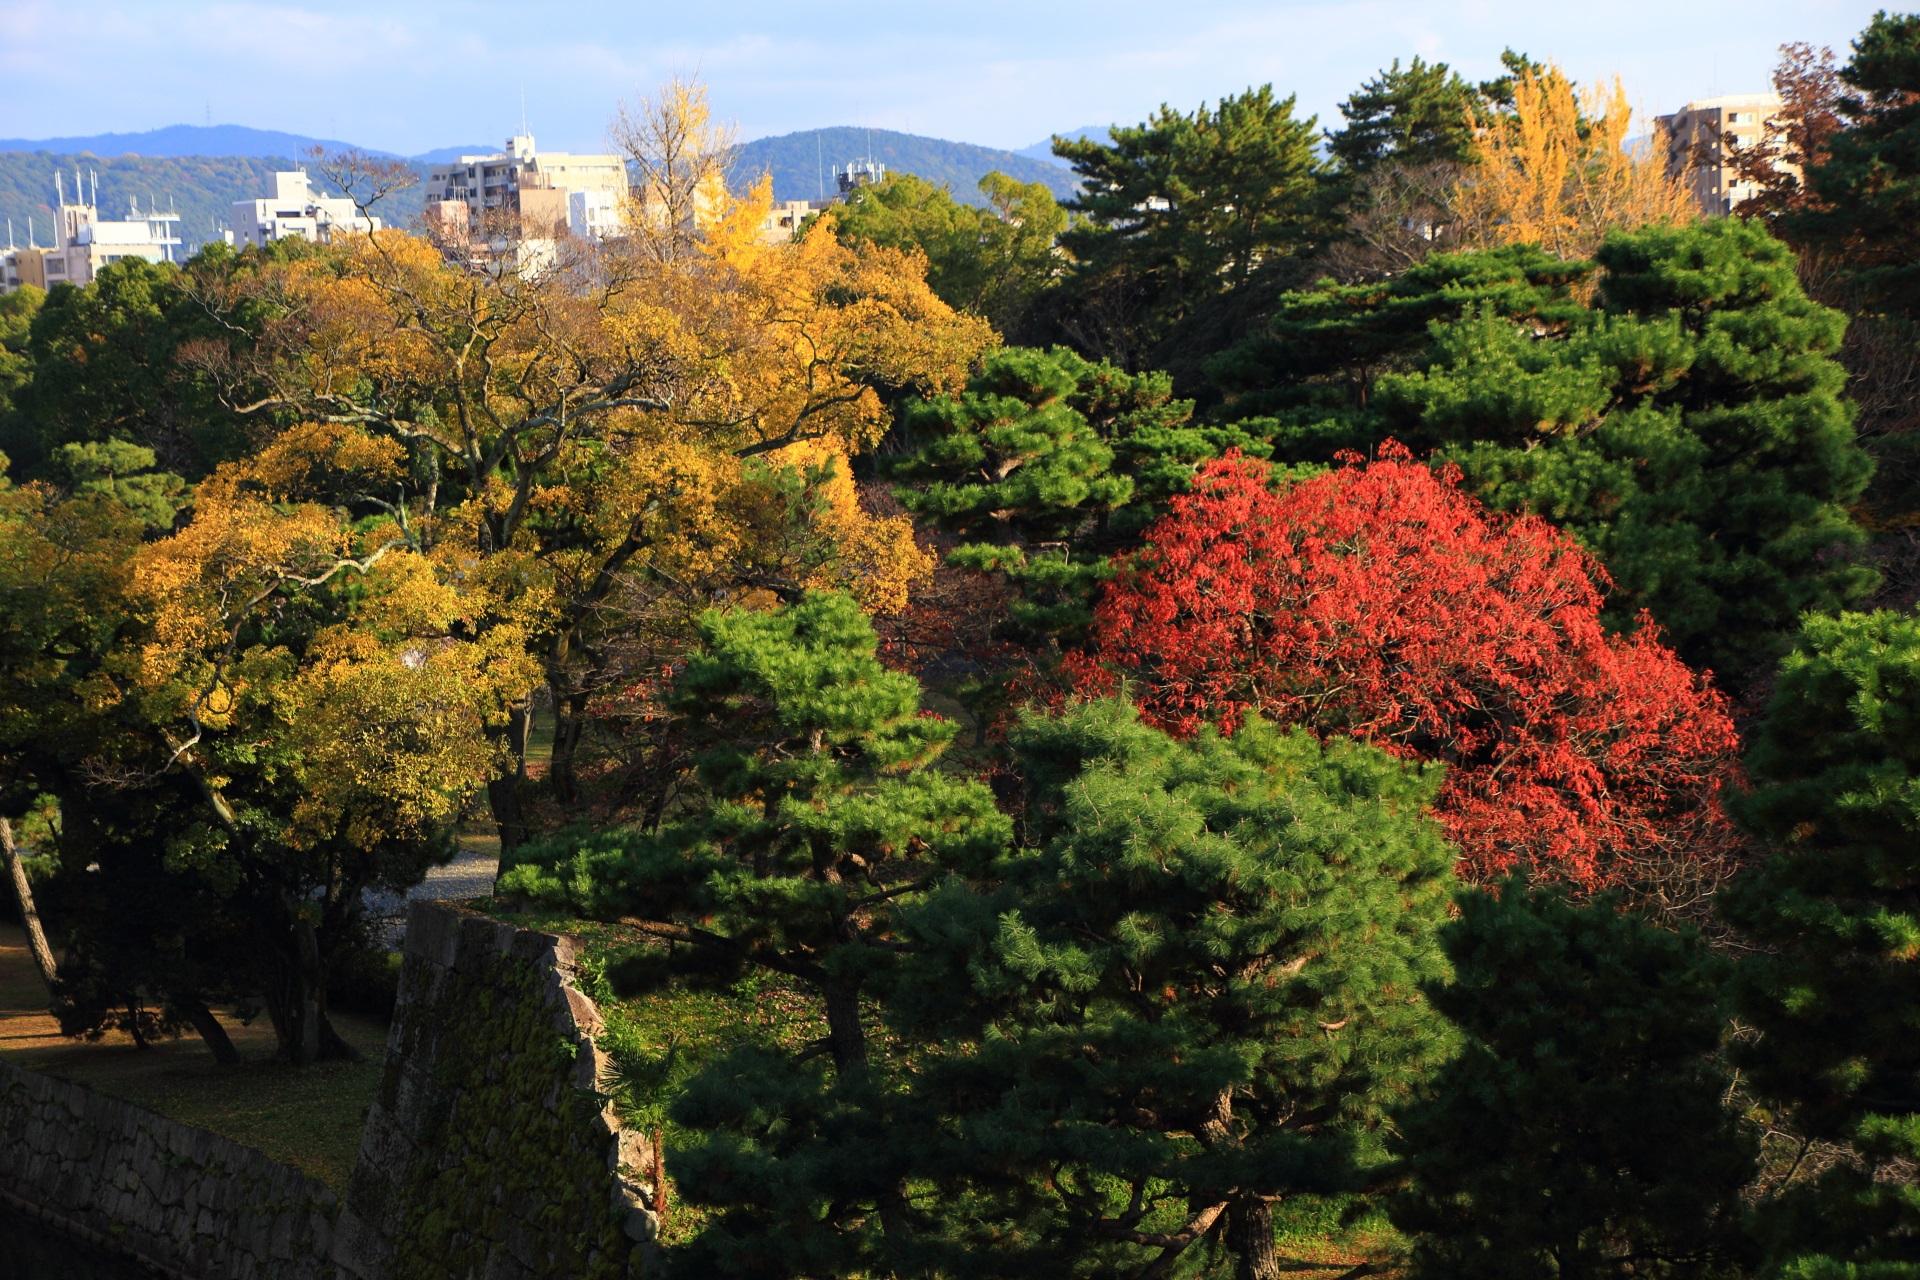 二条城の天守閣跡から眺めた緑の中で燃えるように華やぐ紅葉